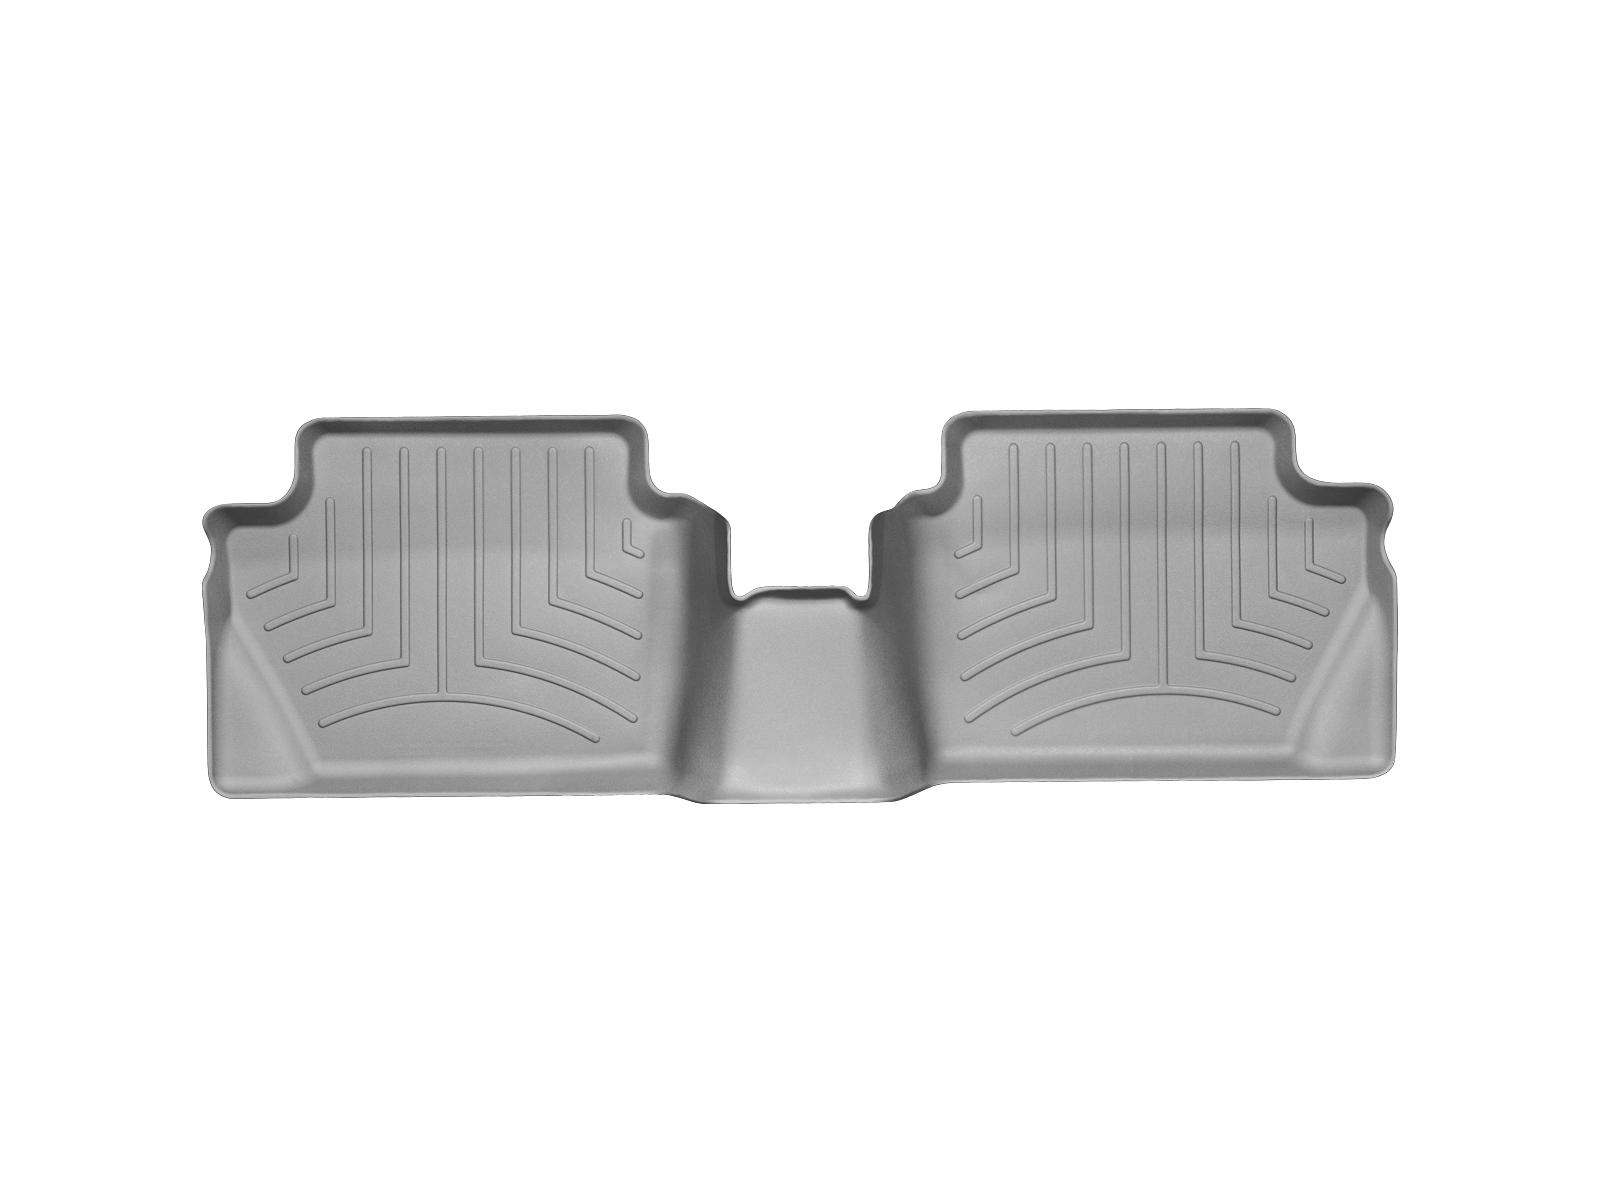 Tappeti gomma su misura bordo alto Ford EcoSport 13>17 Grigio A851*